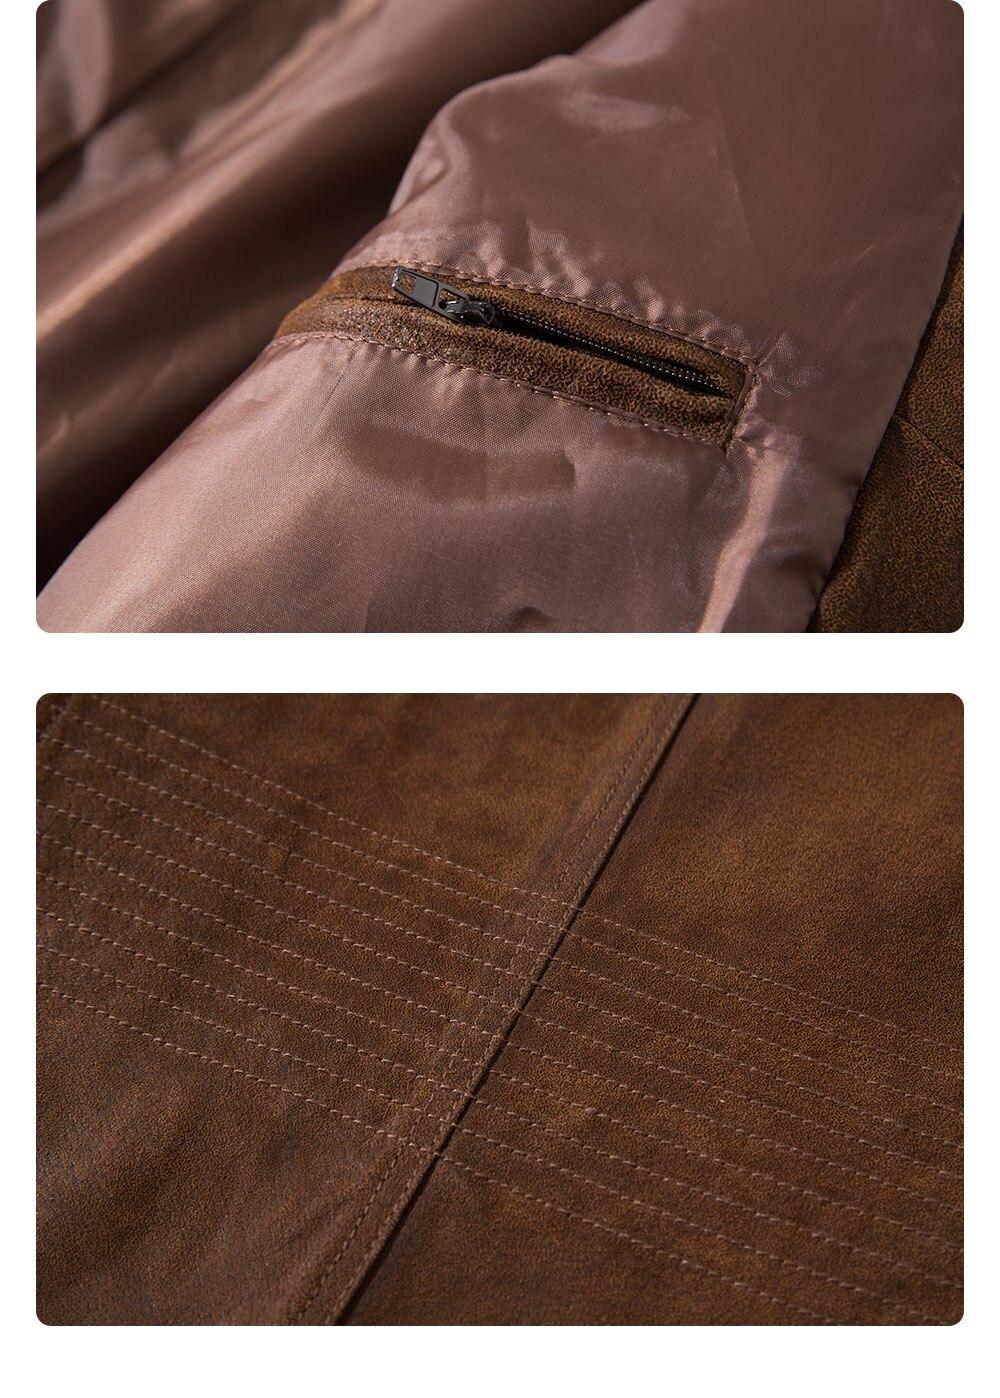 H851e3047ef8746c2a002f326a6510c73P Men's Pigskin Real Leather Jacket Genuine Leather Jackets Motorcycle Jacket Coat Men